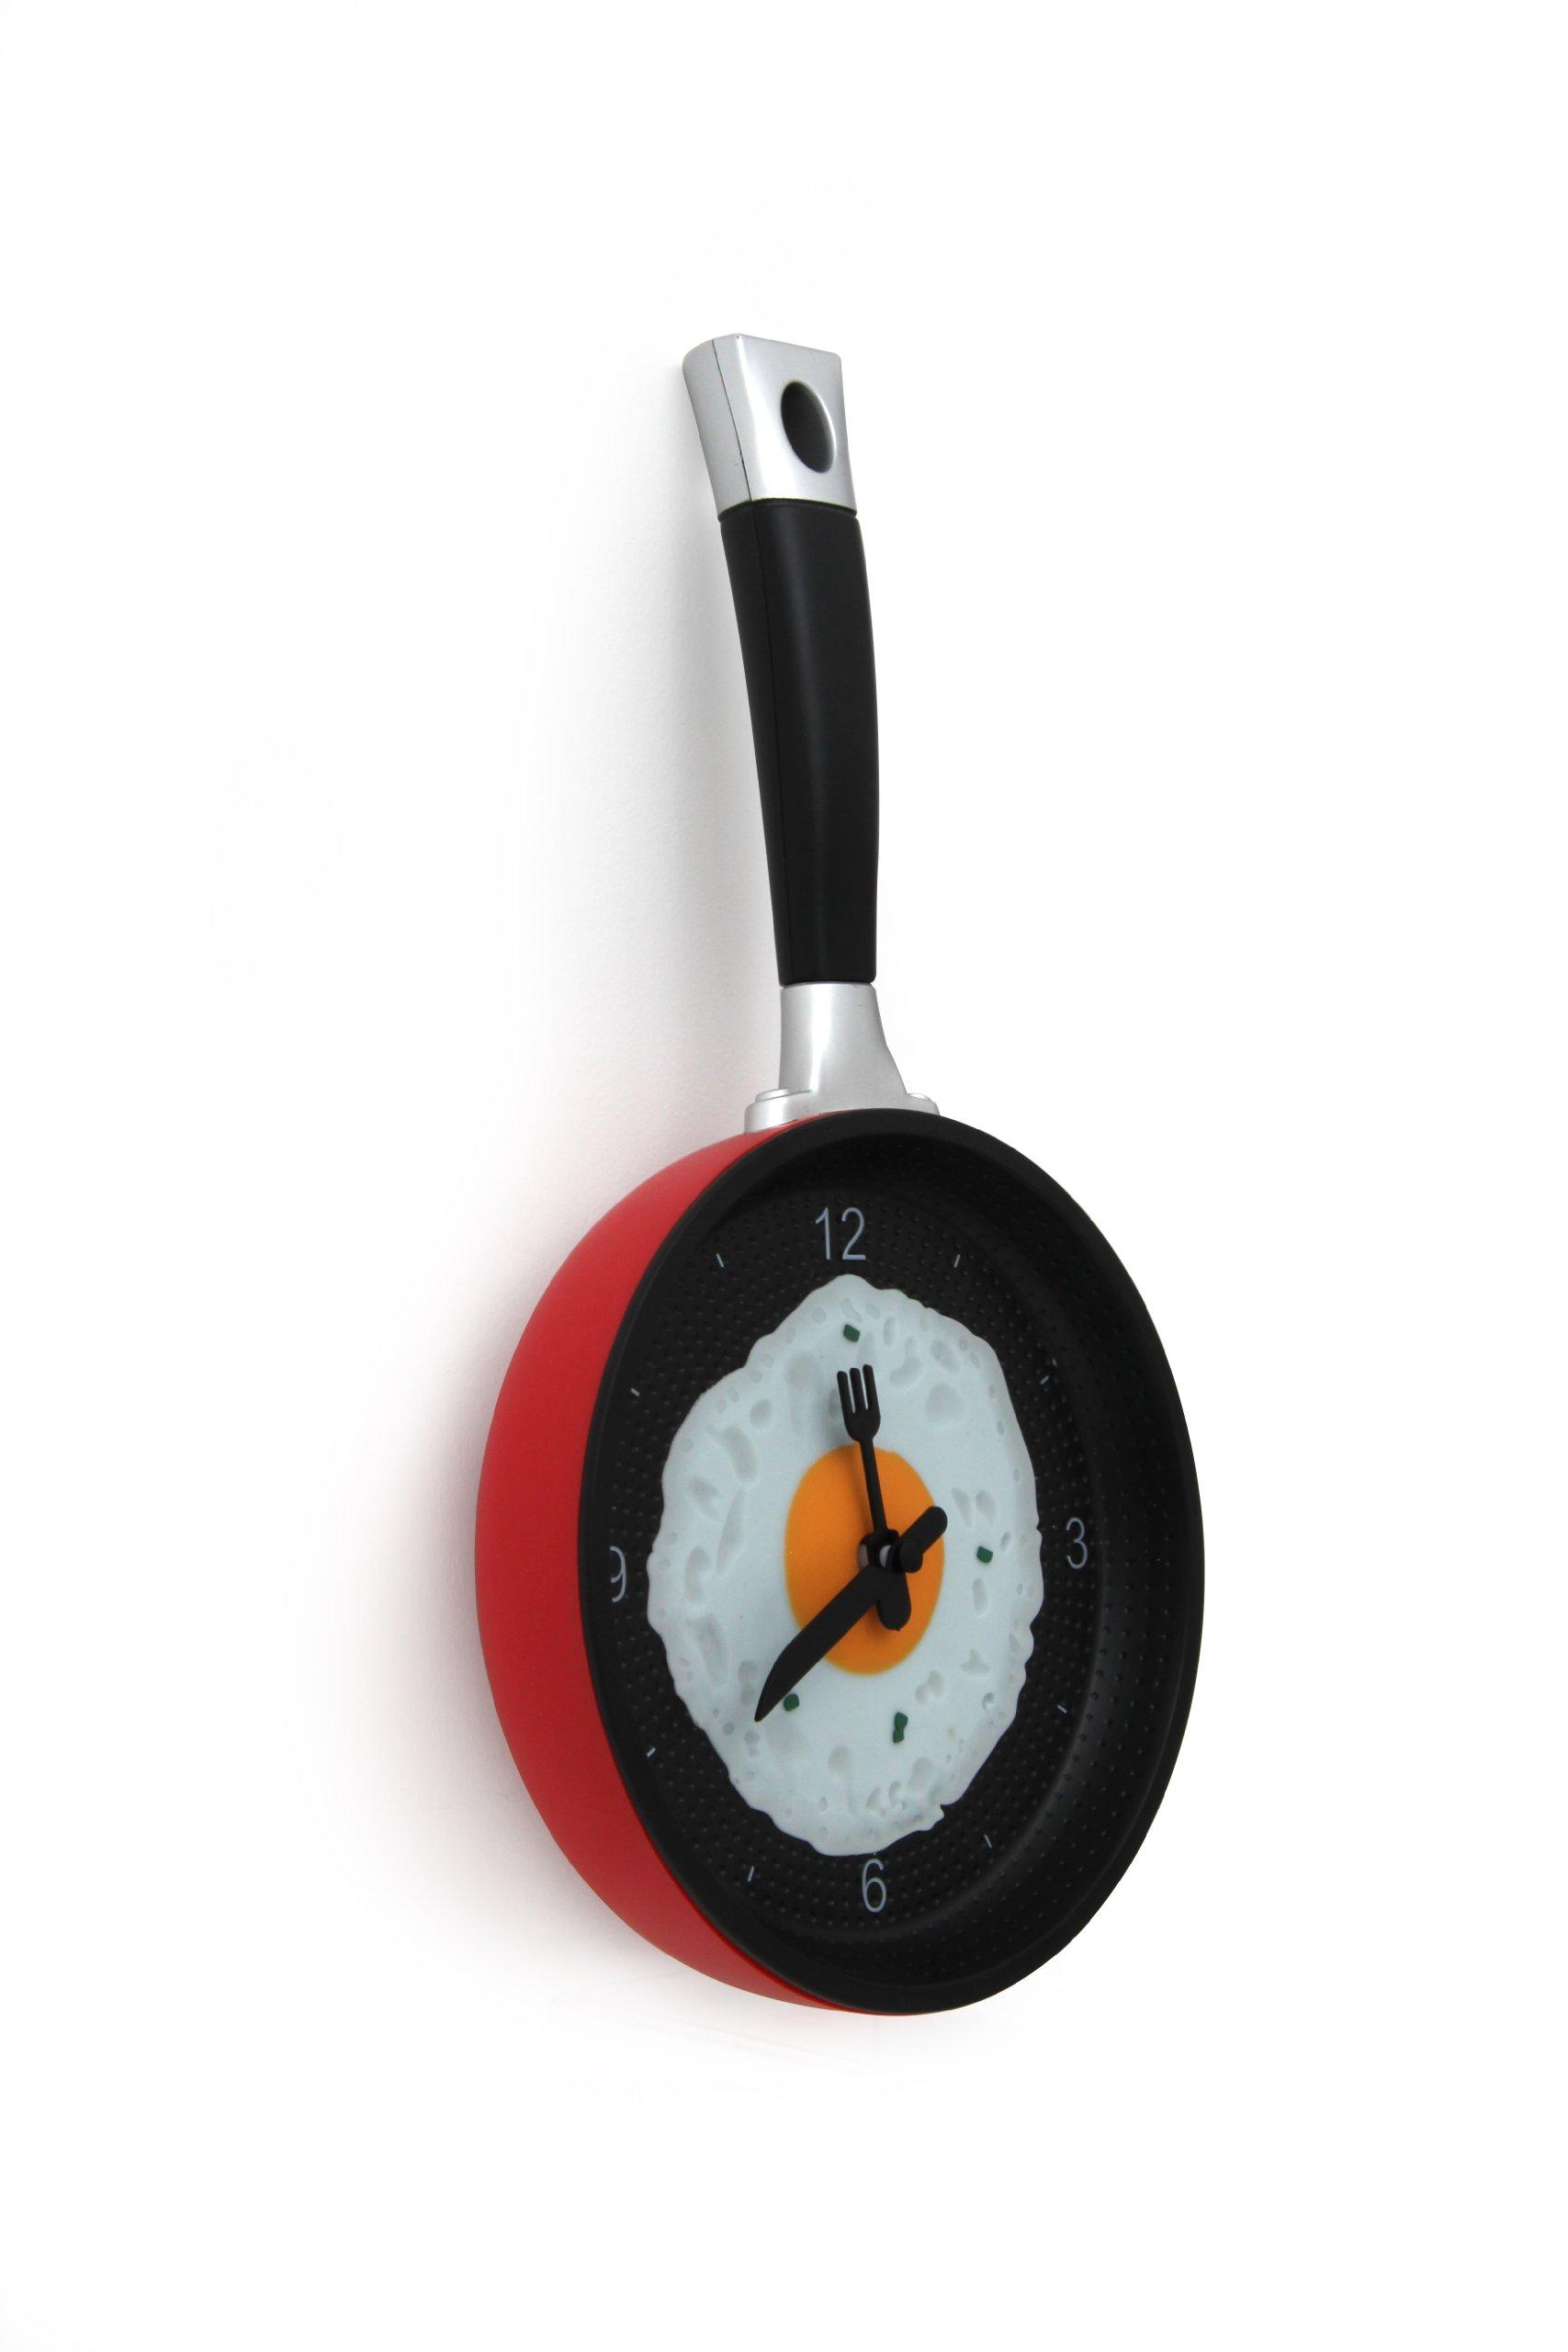 Thumbs Up! Frying Pan Clock